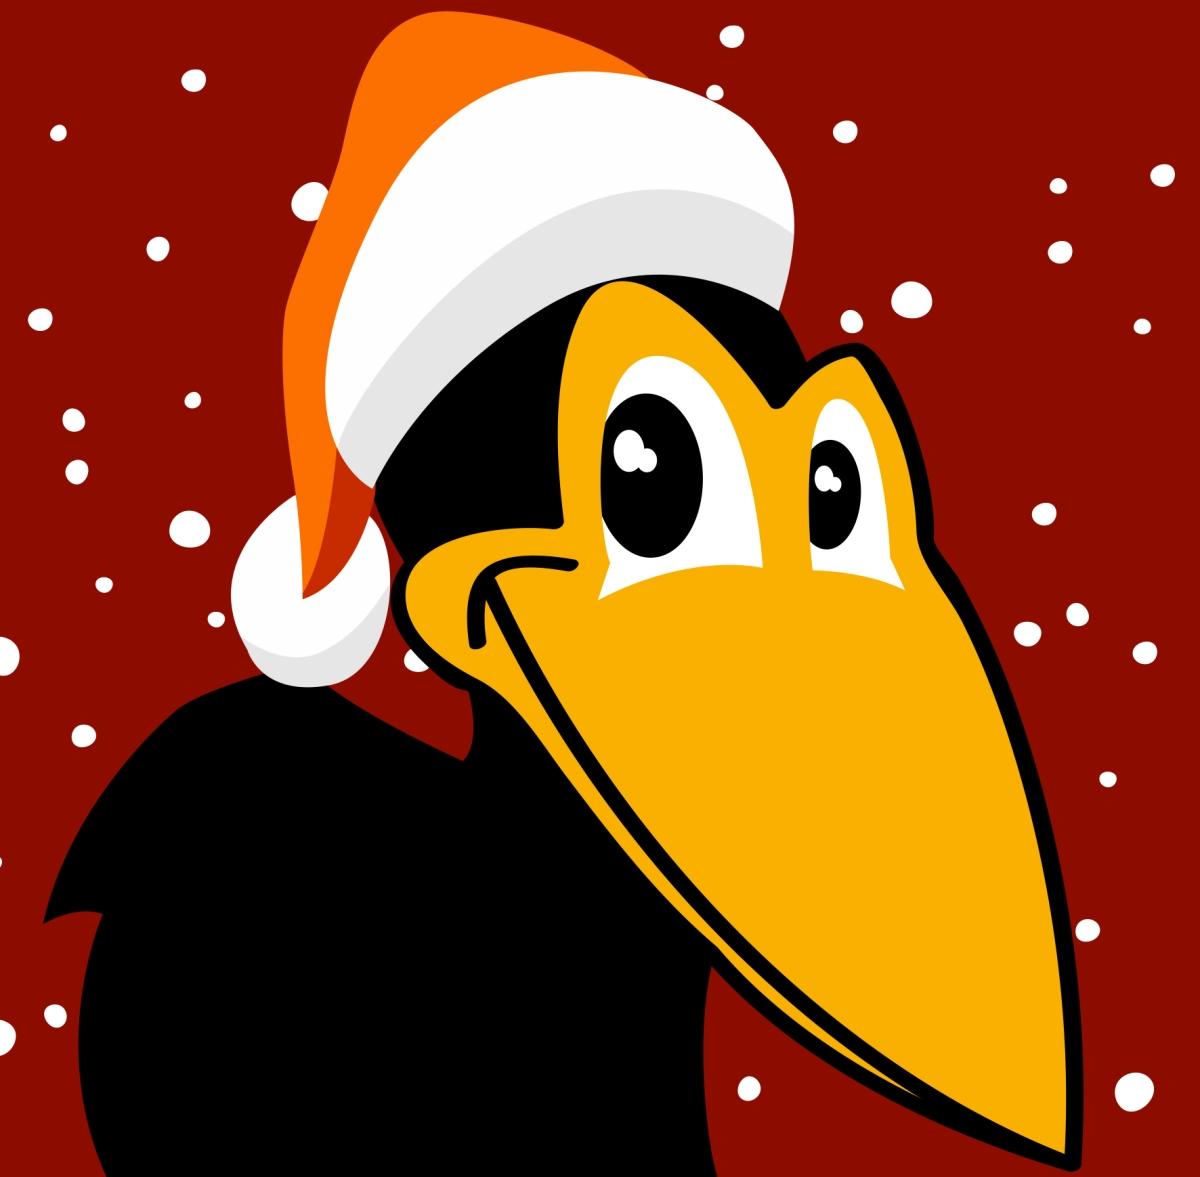 Grand concours de Noël : Et si on se faisait un Noël Très Contagieux ?